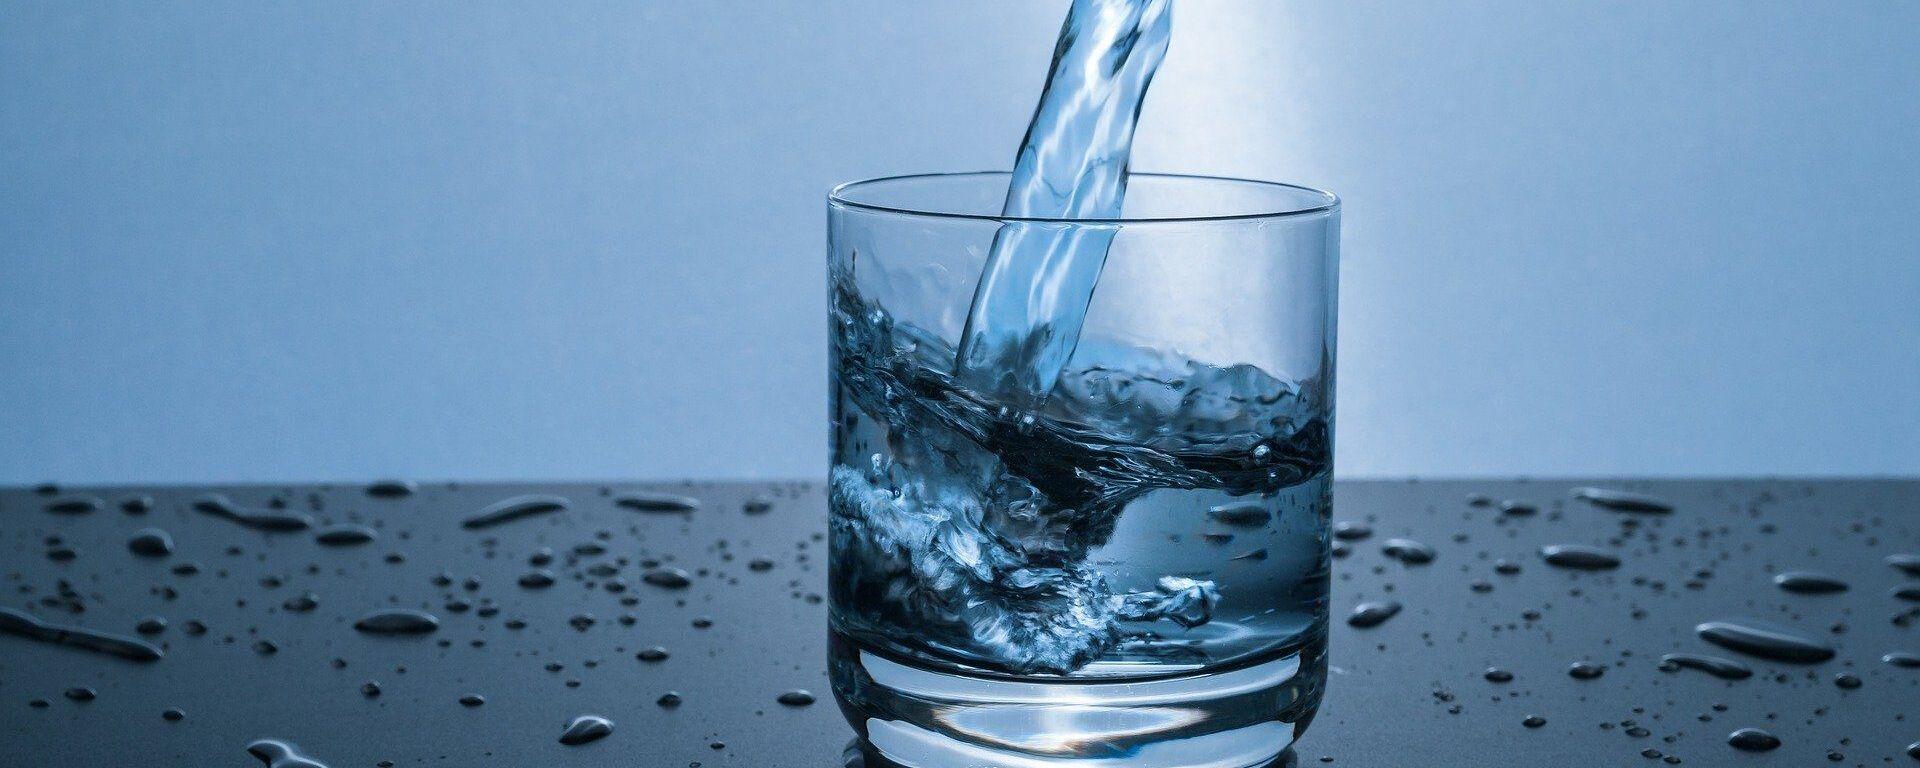 Un vaso de agua (imagen referencial) - Sputnik Mundo, 1920, 22.03.2021